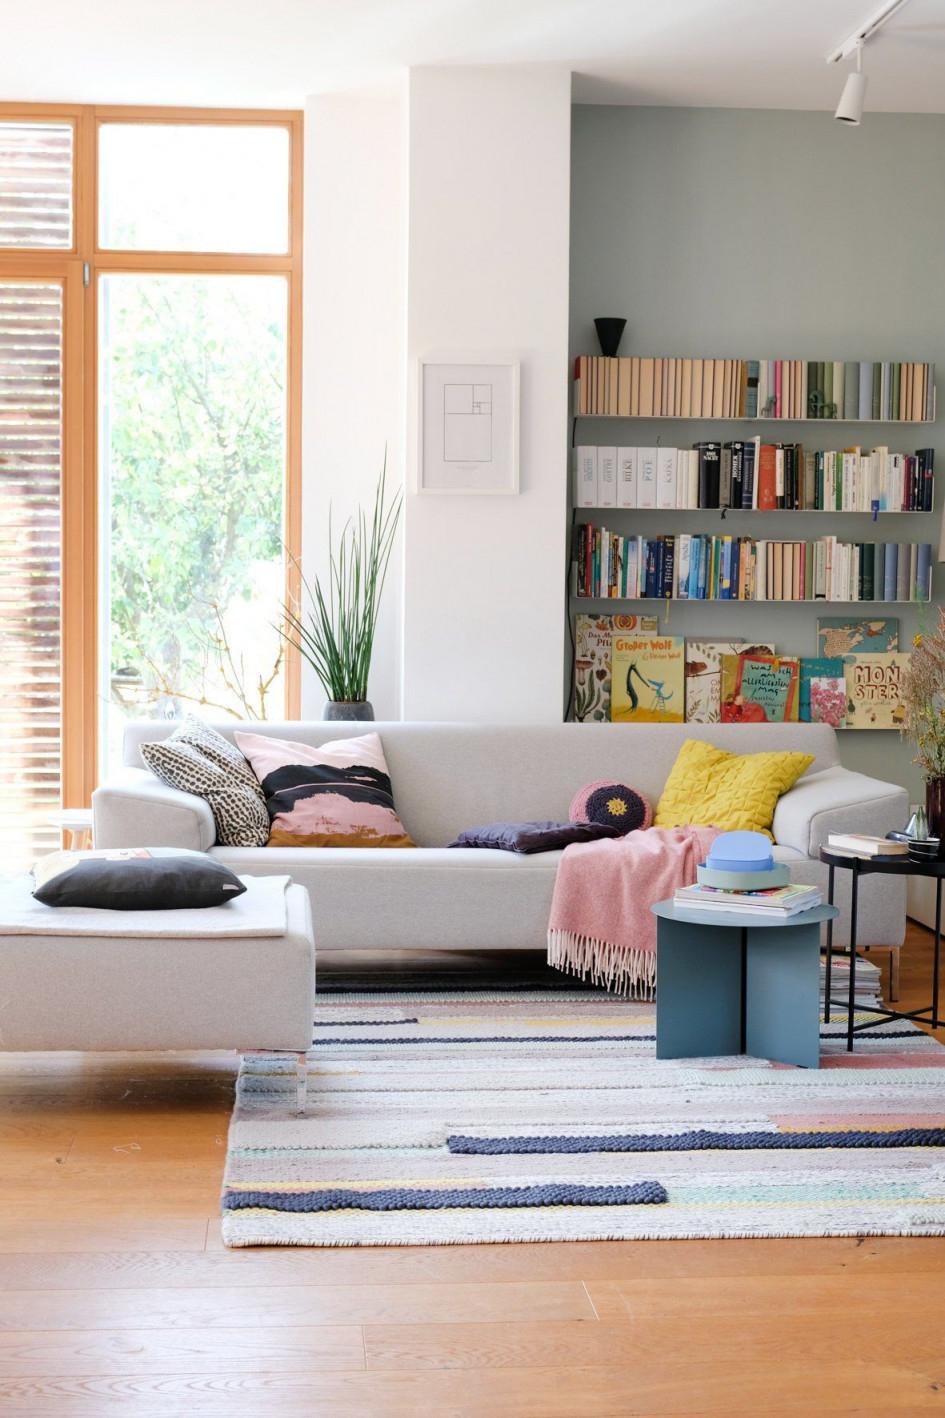 Die Schönsten Ideen Für Dein Wandregal von Wandregal Wohnzimmer Ideen Bild